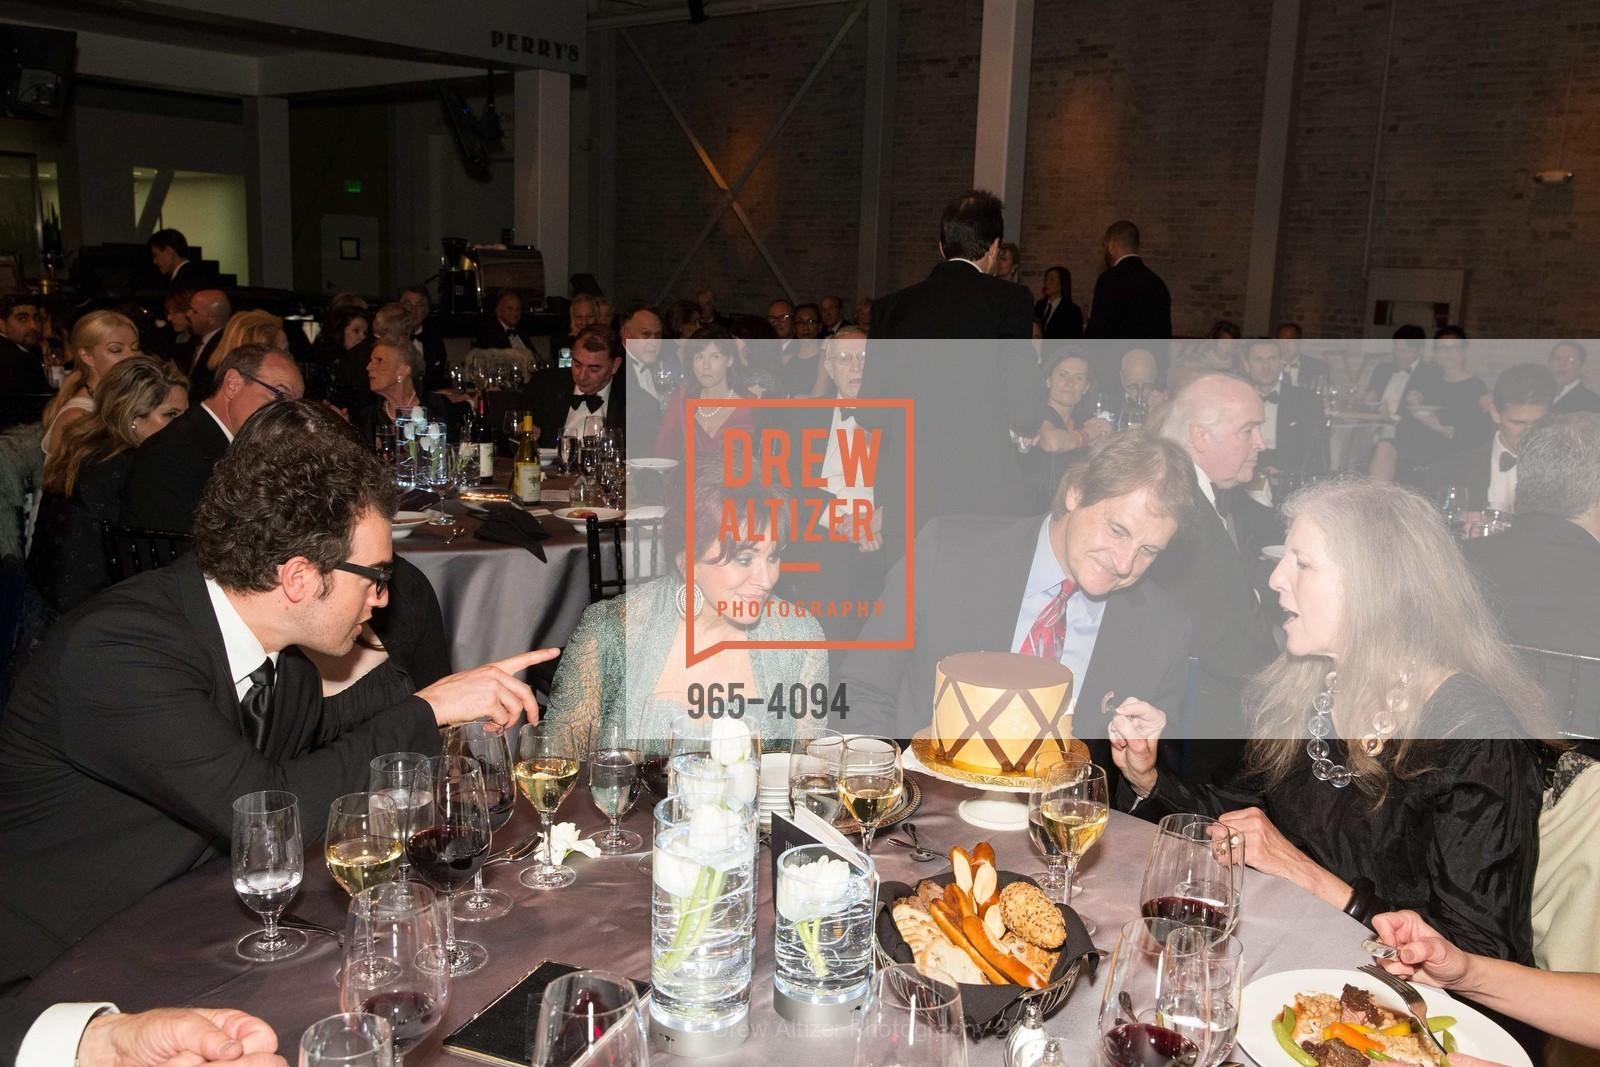 Ryan Torres, Devon La Russa, Elaine La Russa, Tony La Russa, Leah Garchik, Photo #965-4094